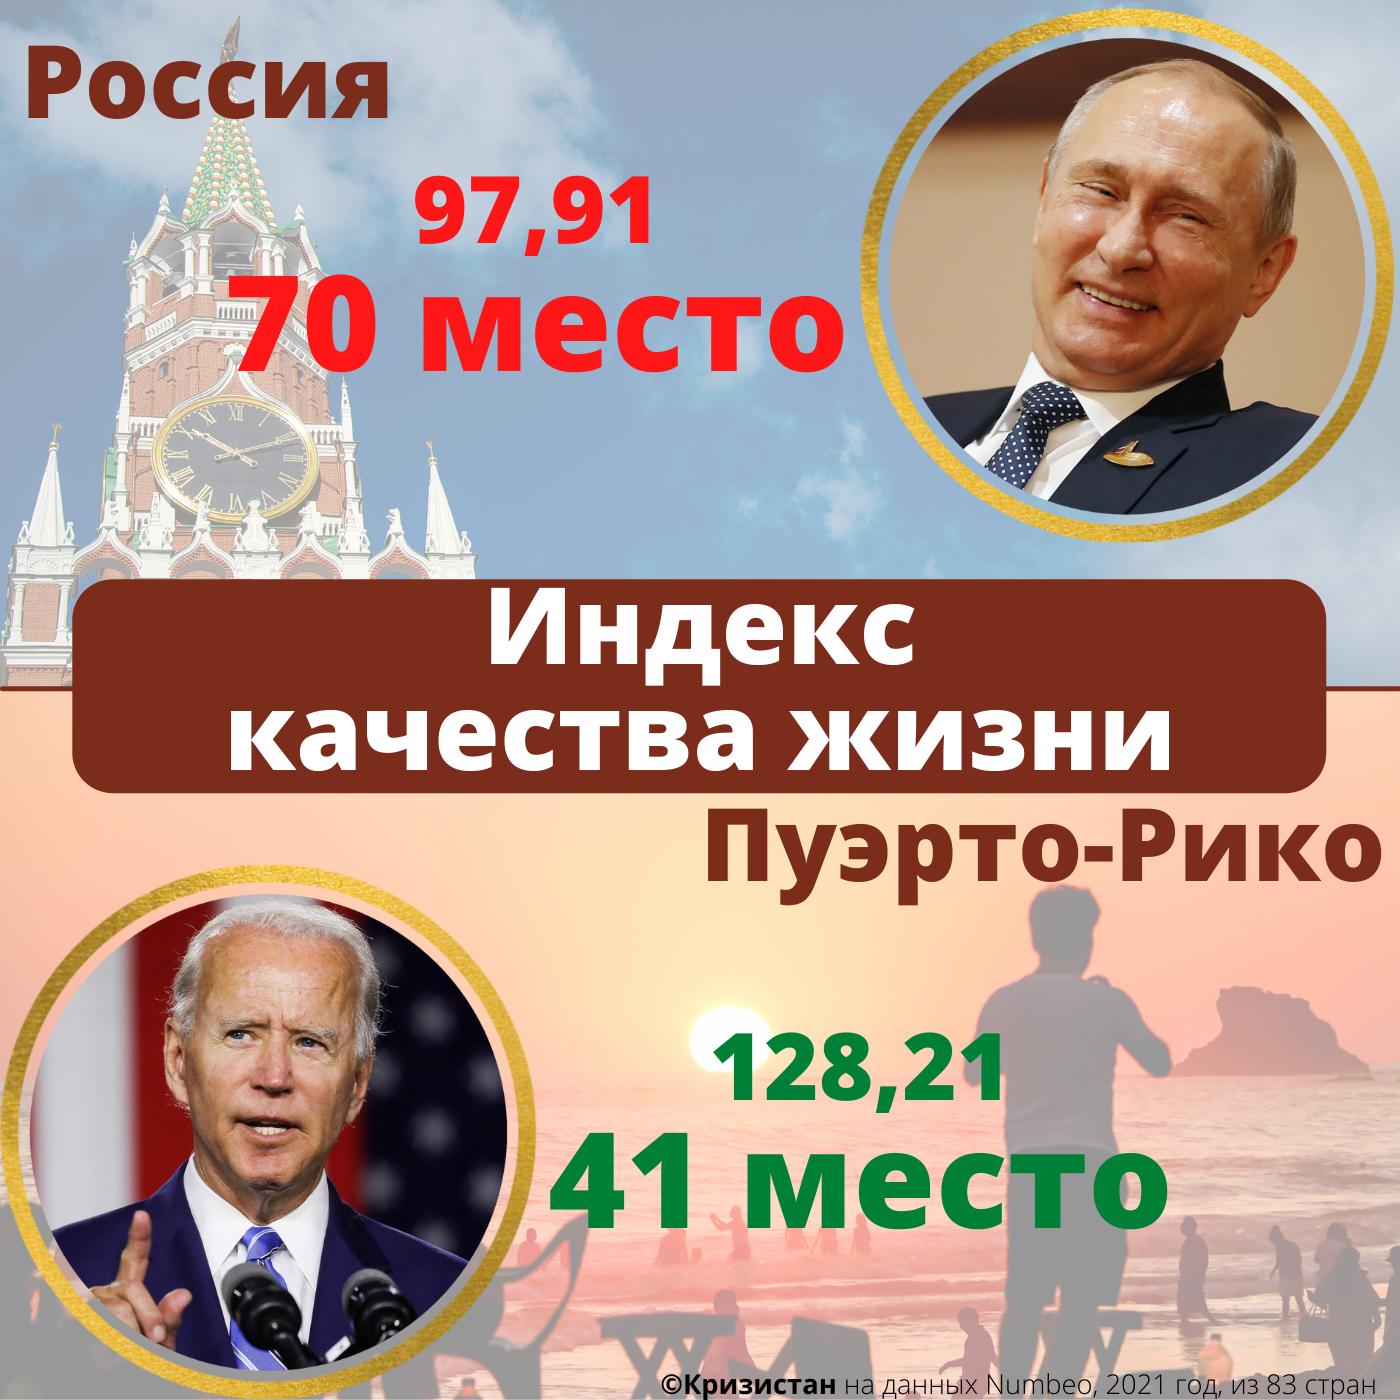 Индекс качества жизни в России и Пуэрто-Рико